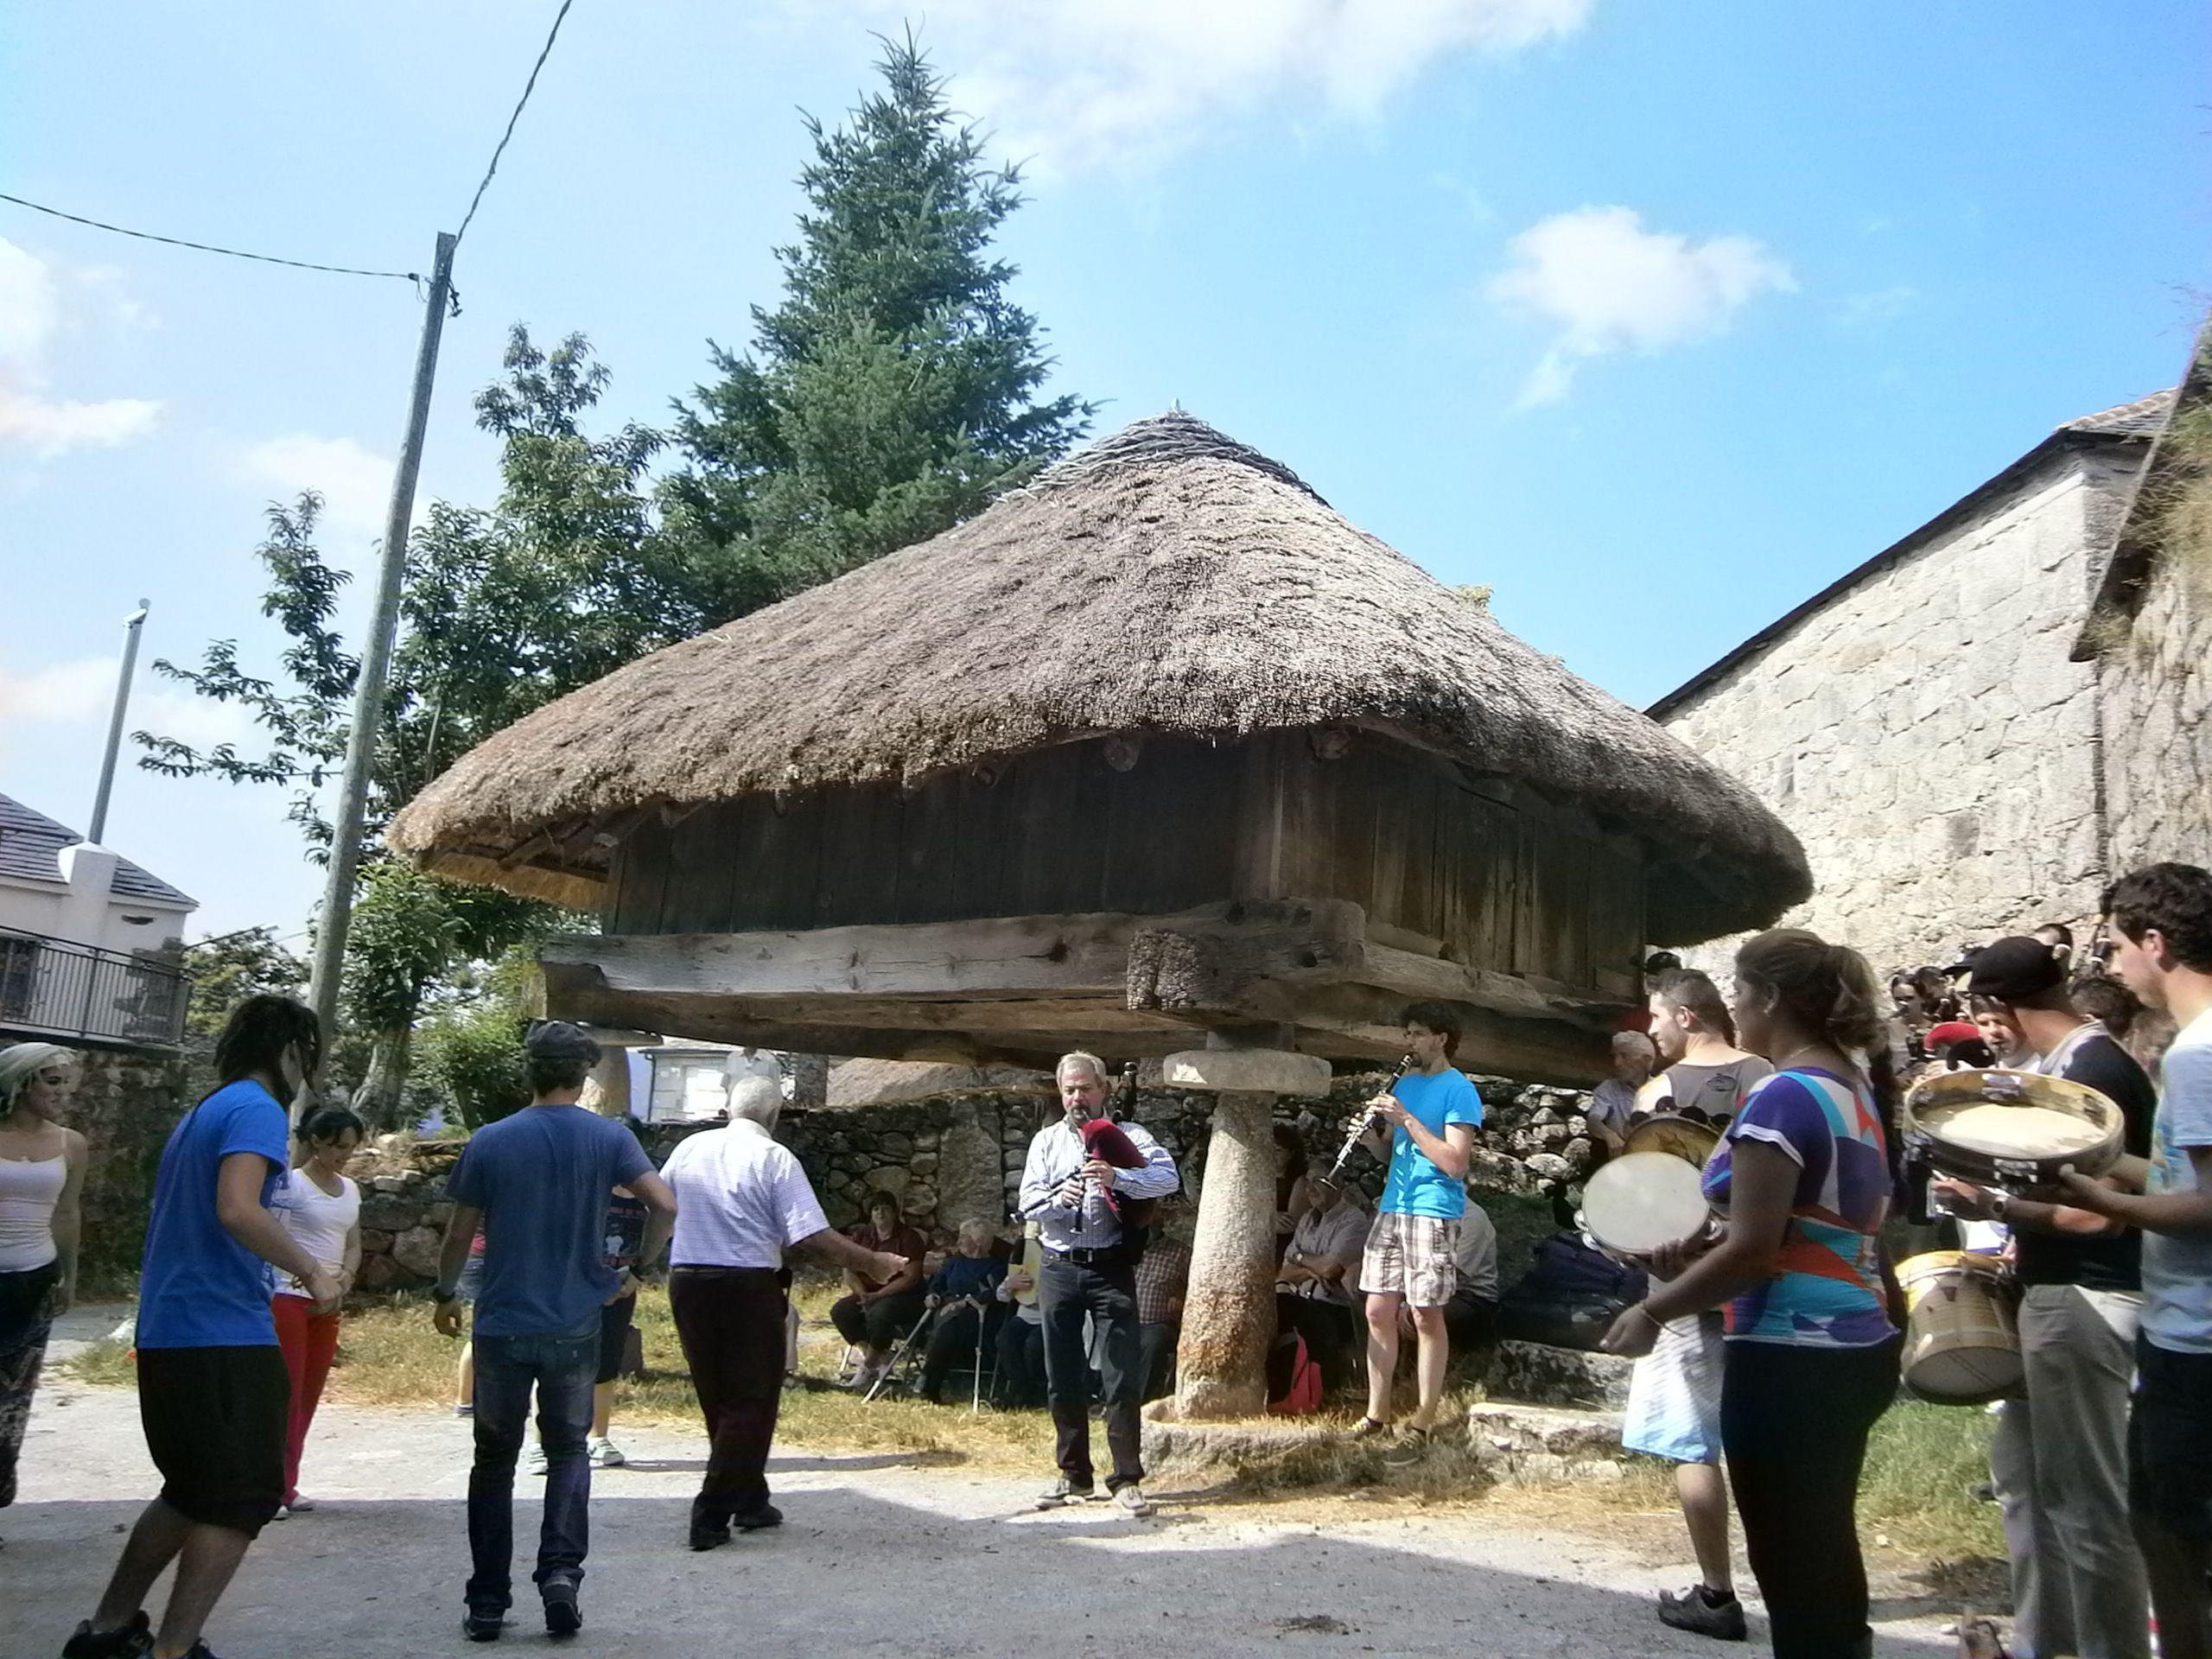 Nos recibieron entre danzas cantos e música tradicional. Piornedo, Galicia